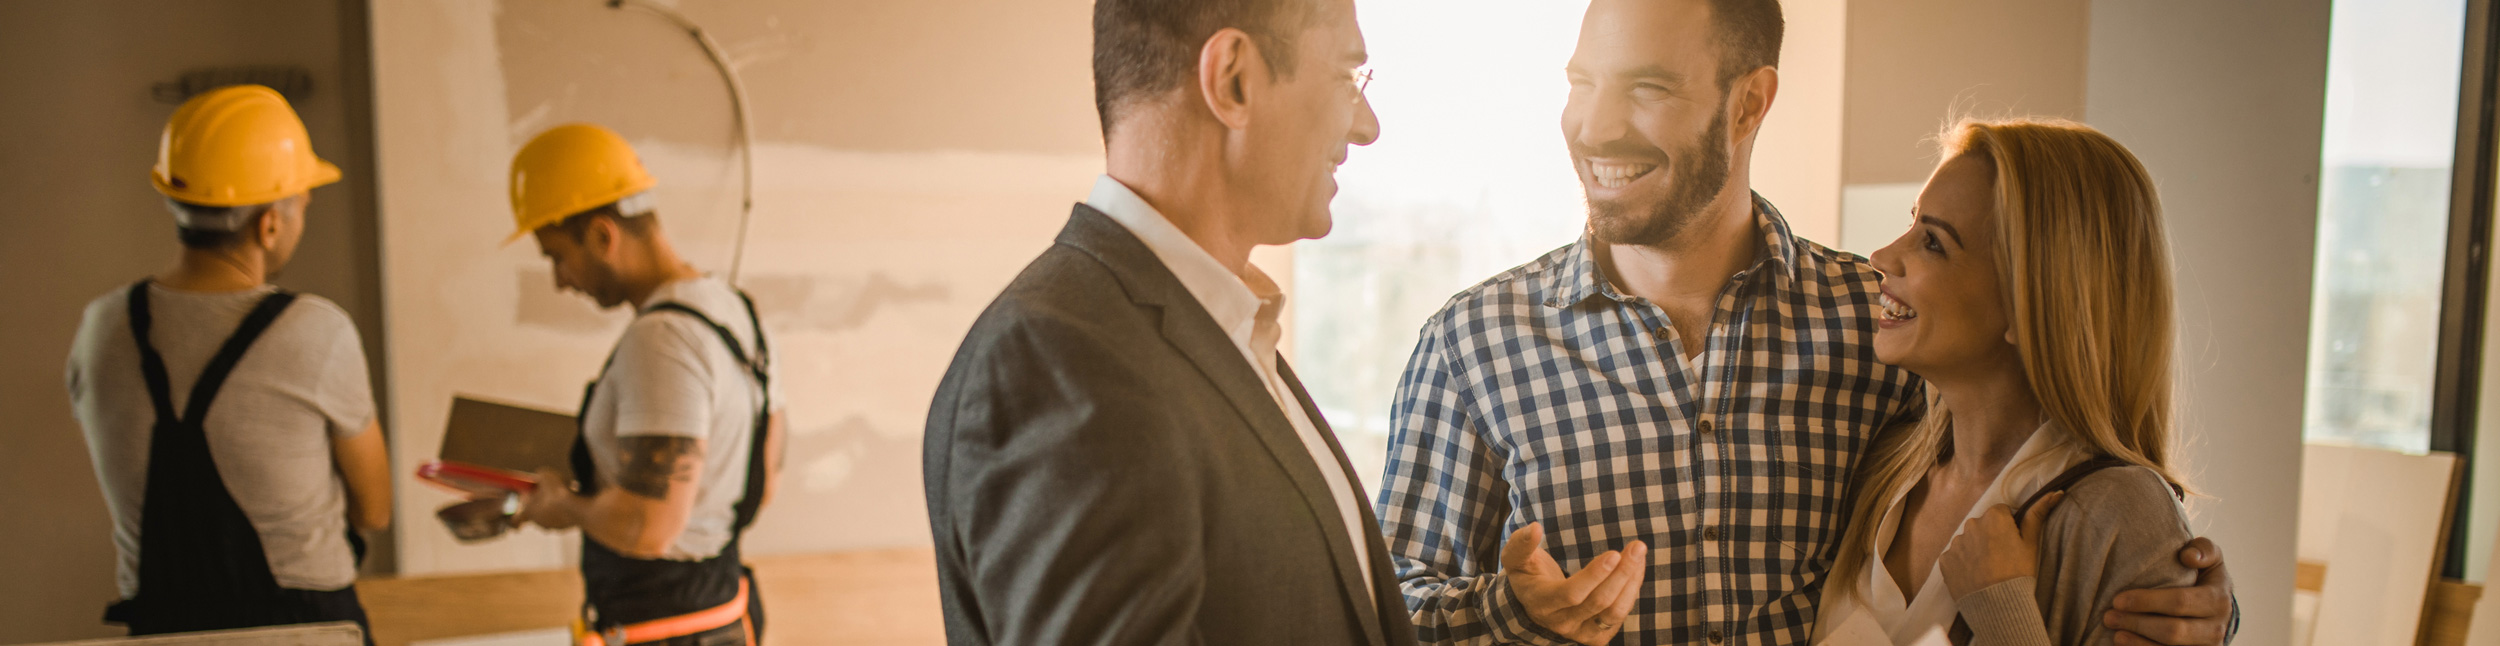 Zufriedene Kunden bei der Besprechung Ihrer Heizungssanierung und Lüftungssanierung.